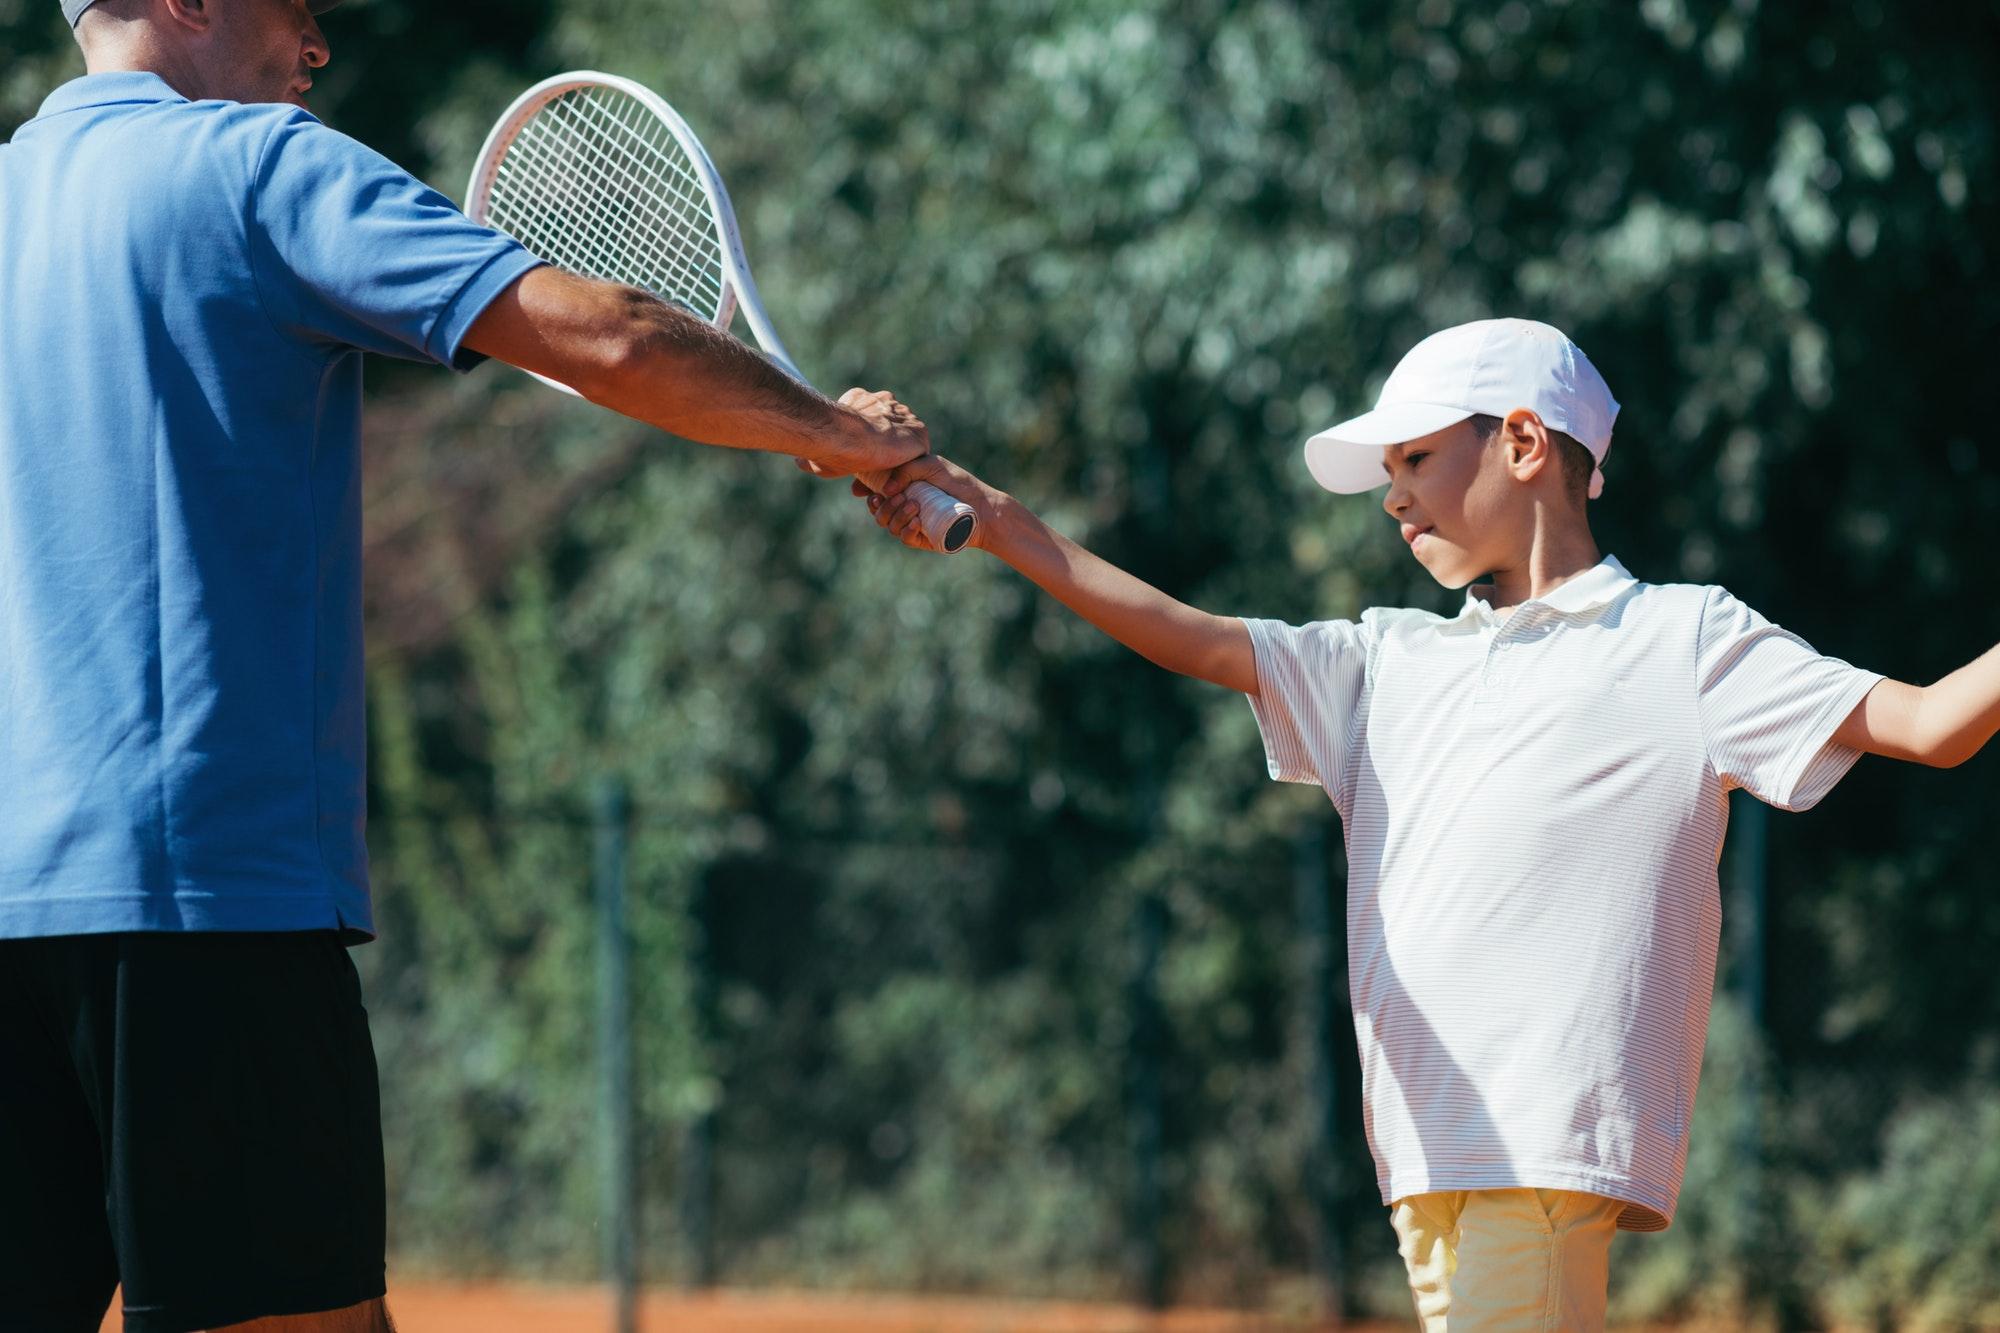 Tennis Lesson. Smiling Coach Explaining Tennis Technique to a Boy